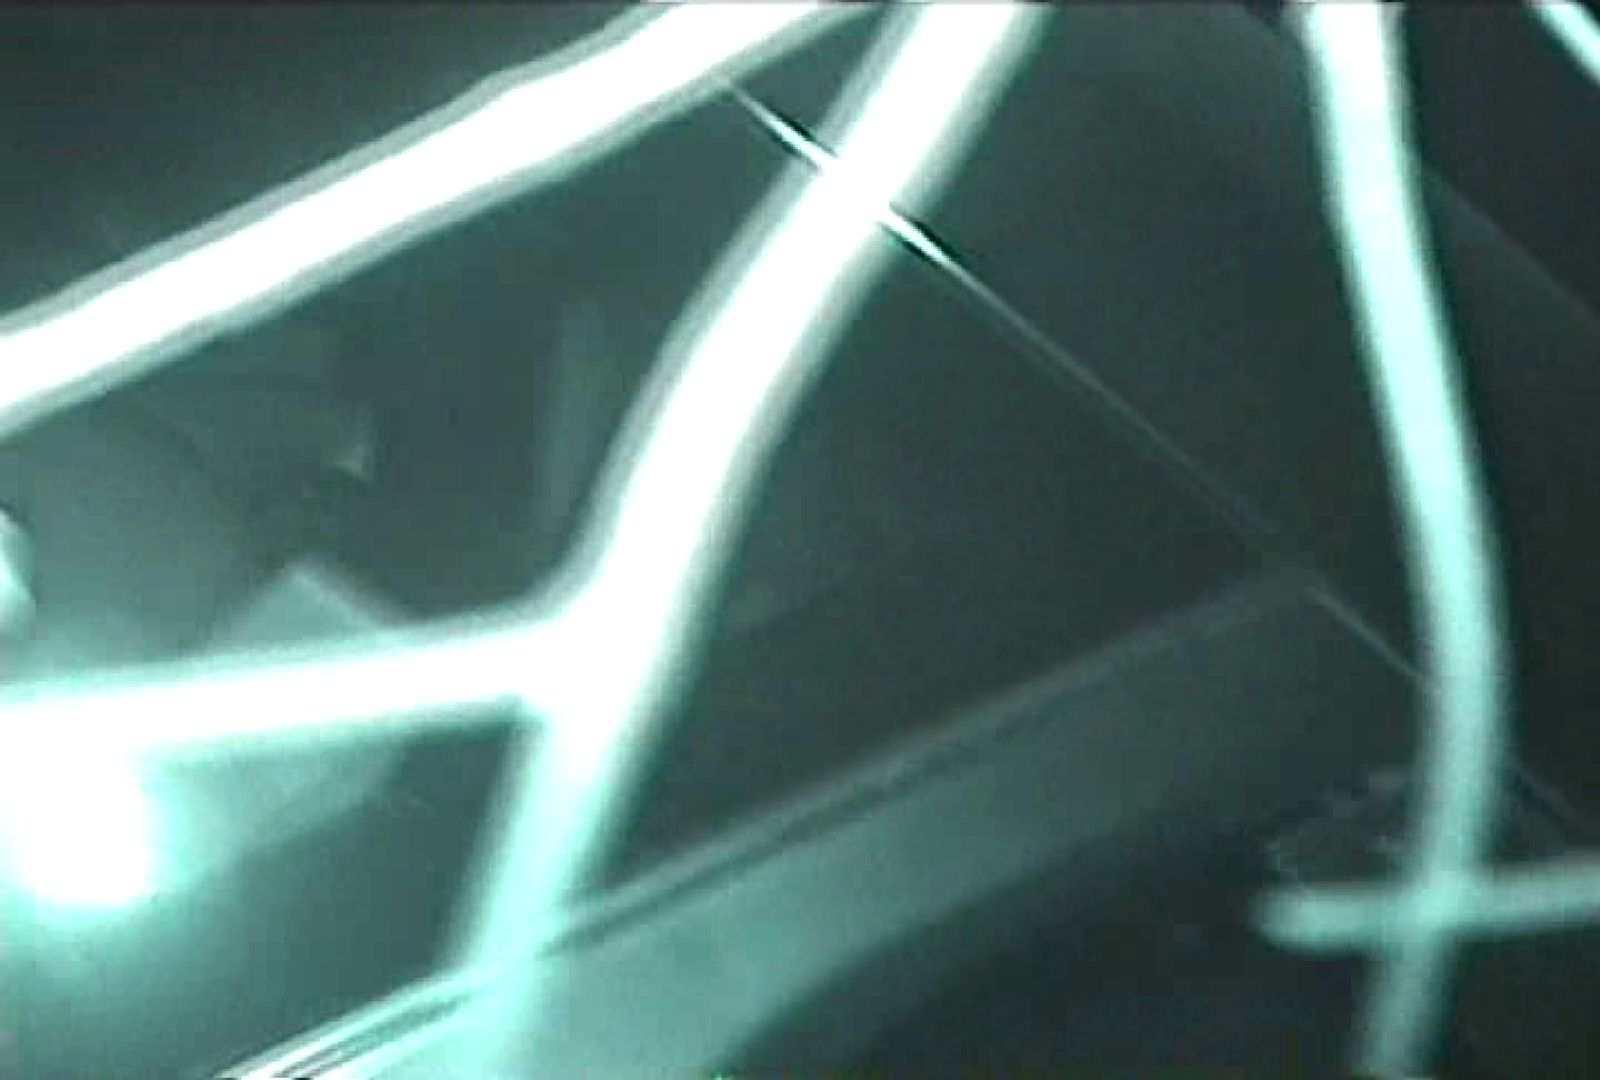 充血監督の深夜の運動会Vol.96 無修正マンコ AV動画キャプチャ 87PIX 66